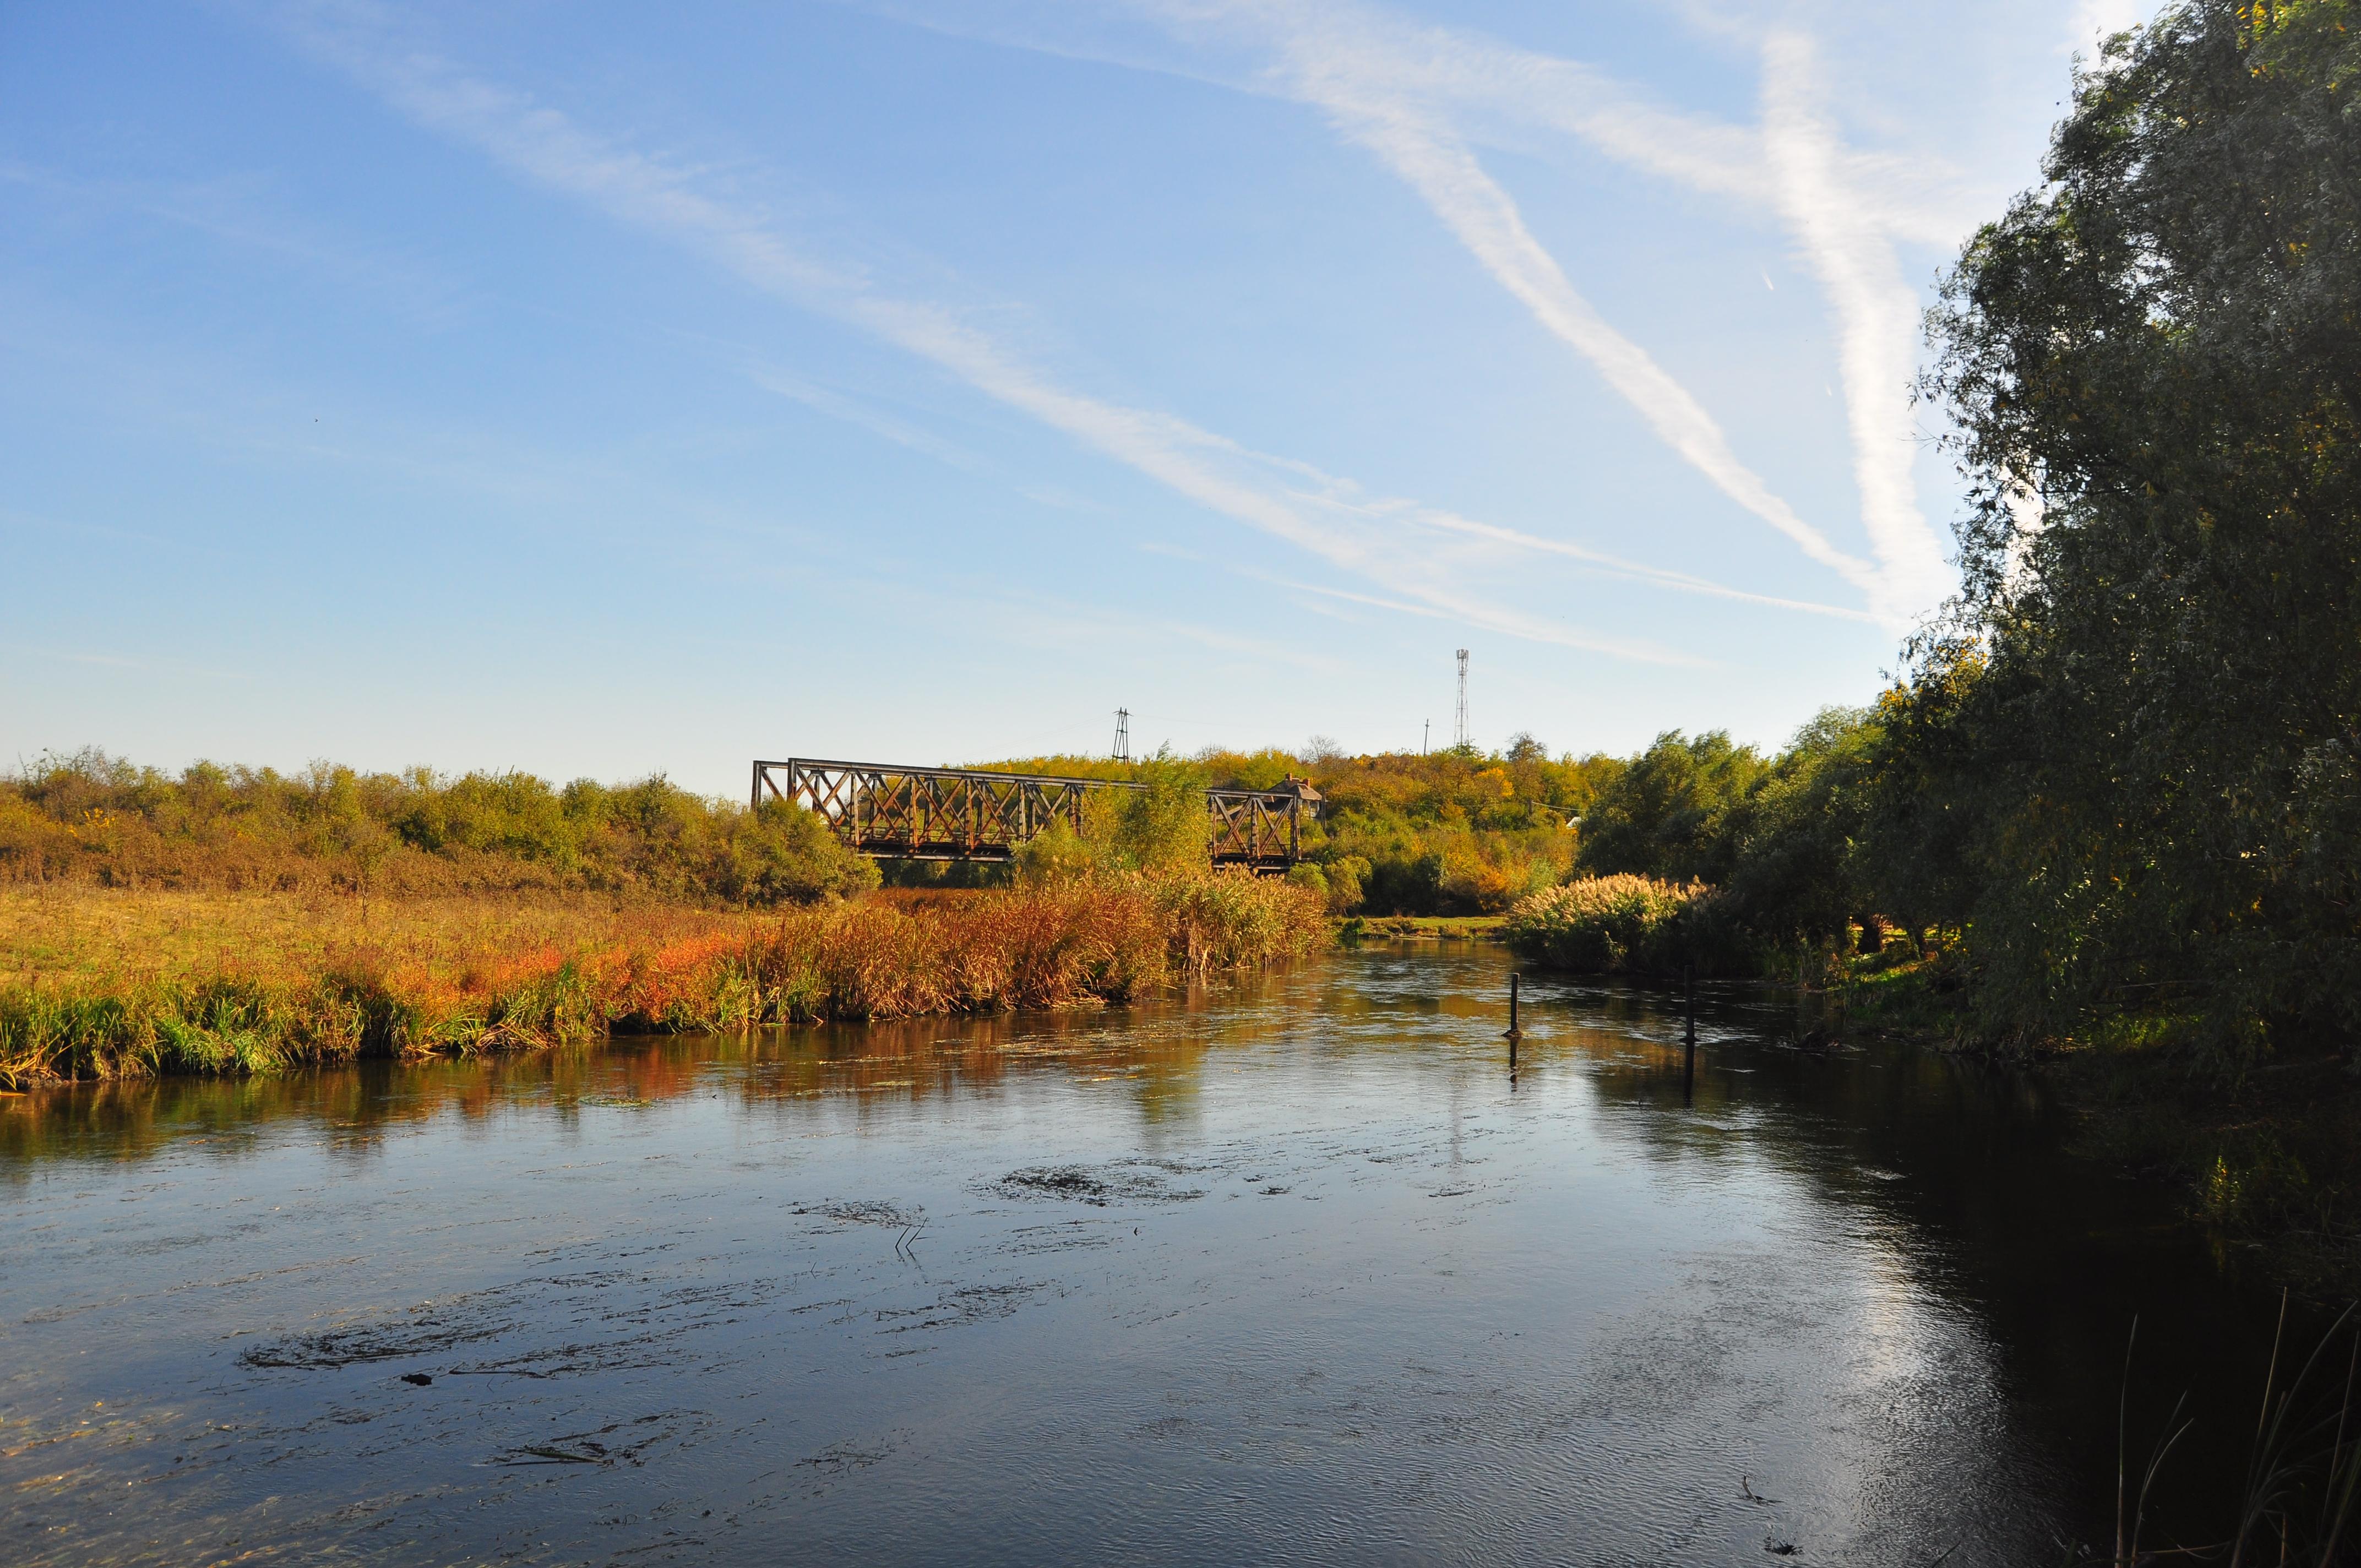 Râul Neajlov și podul de fier